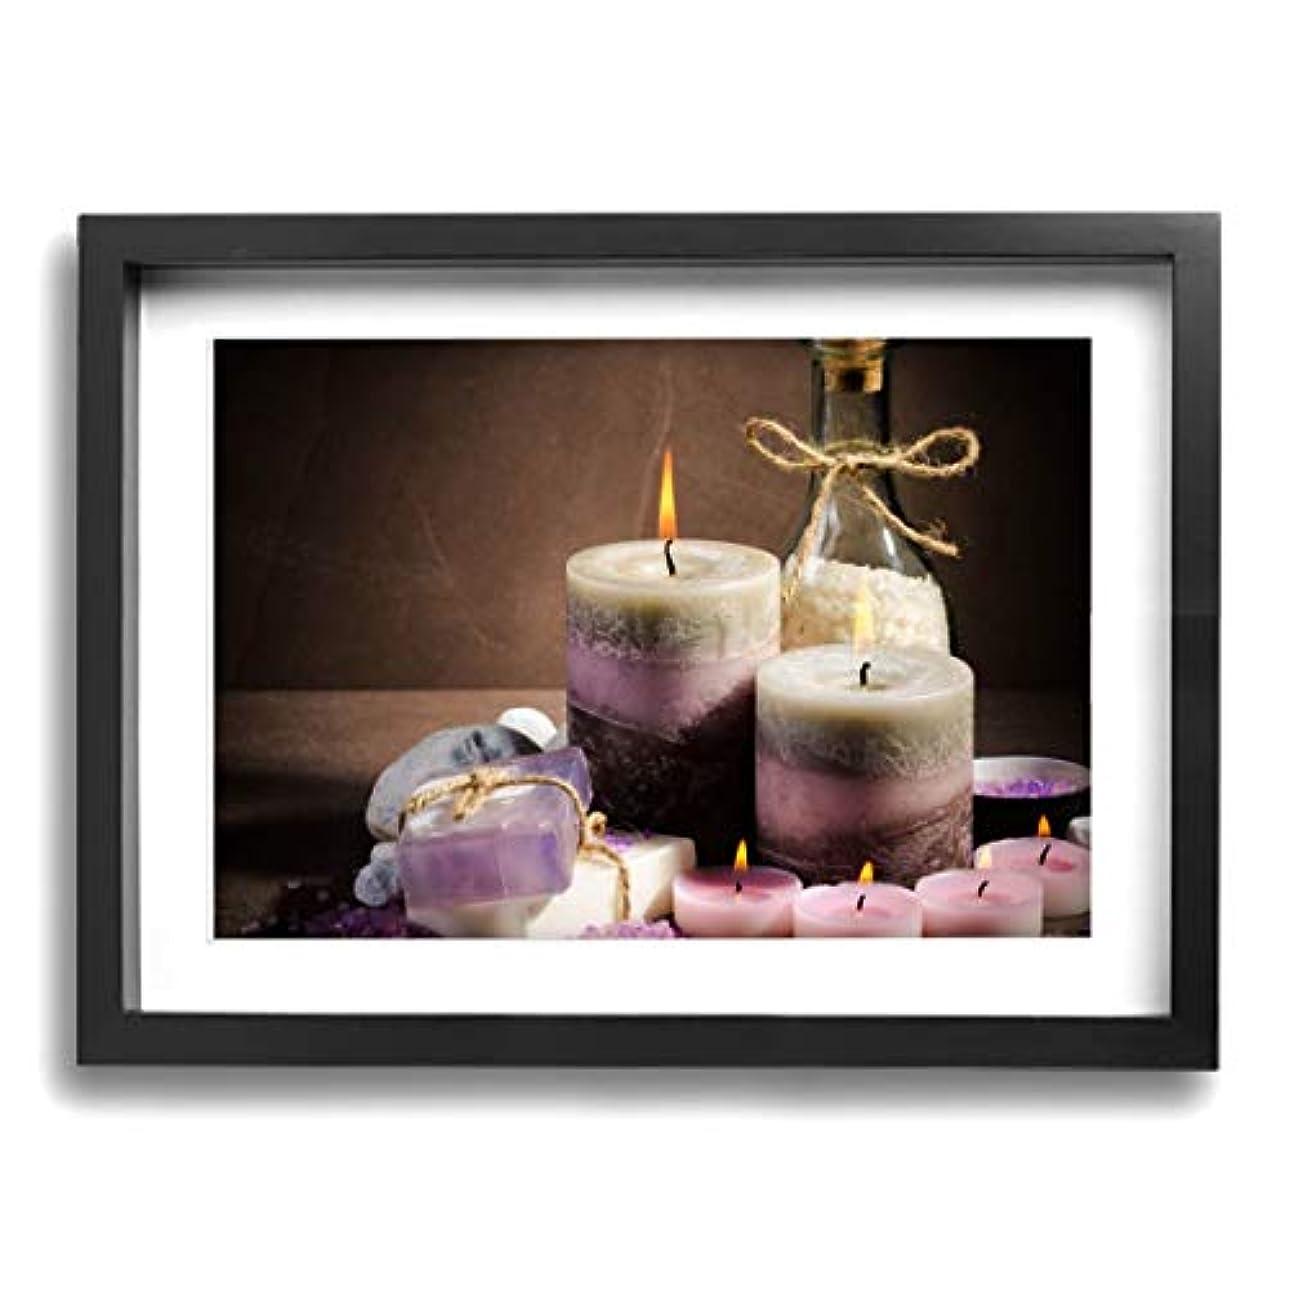 ピンポイント予言する債務魅力的な芸術 30x40cm Spa Purple Color Candle Oil キャンバスの壁アート 画像プリント絵画リビングルームの壁の装飾と家の装飾のための現代アートワークハングする準備ができて